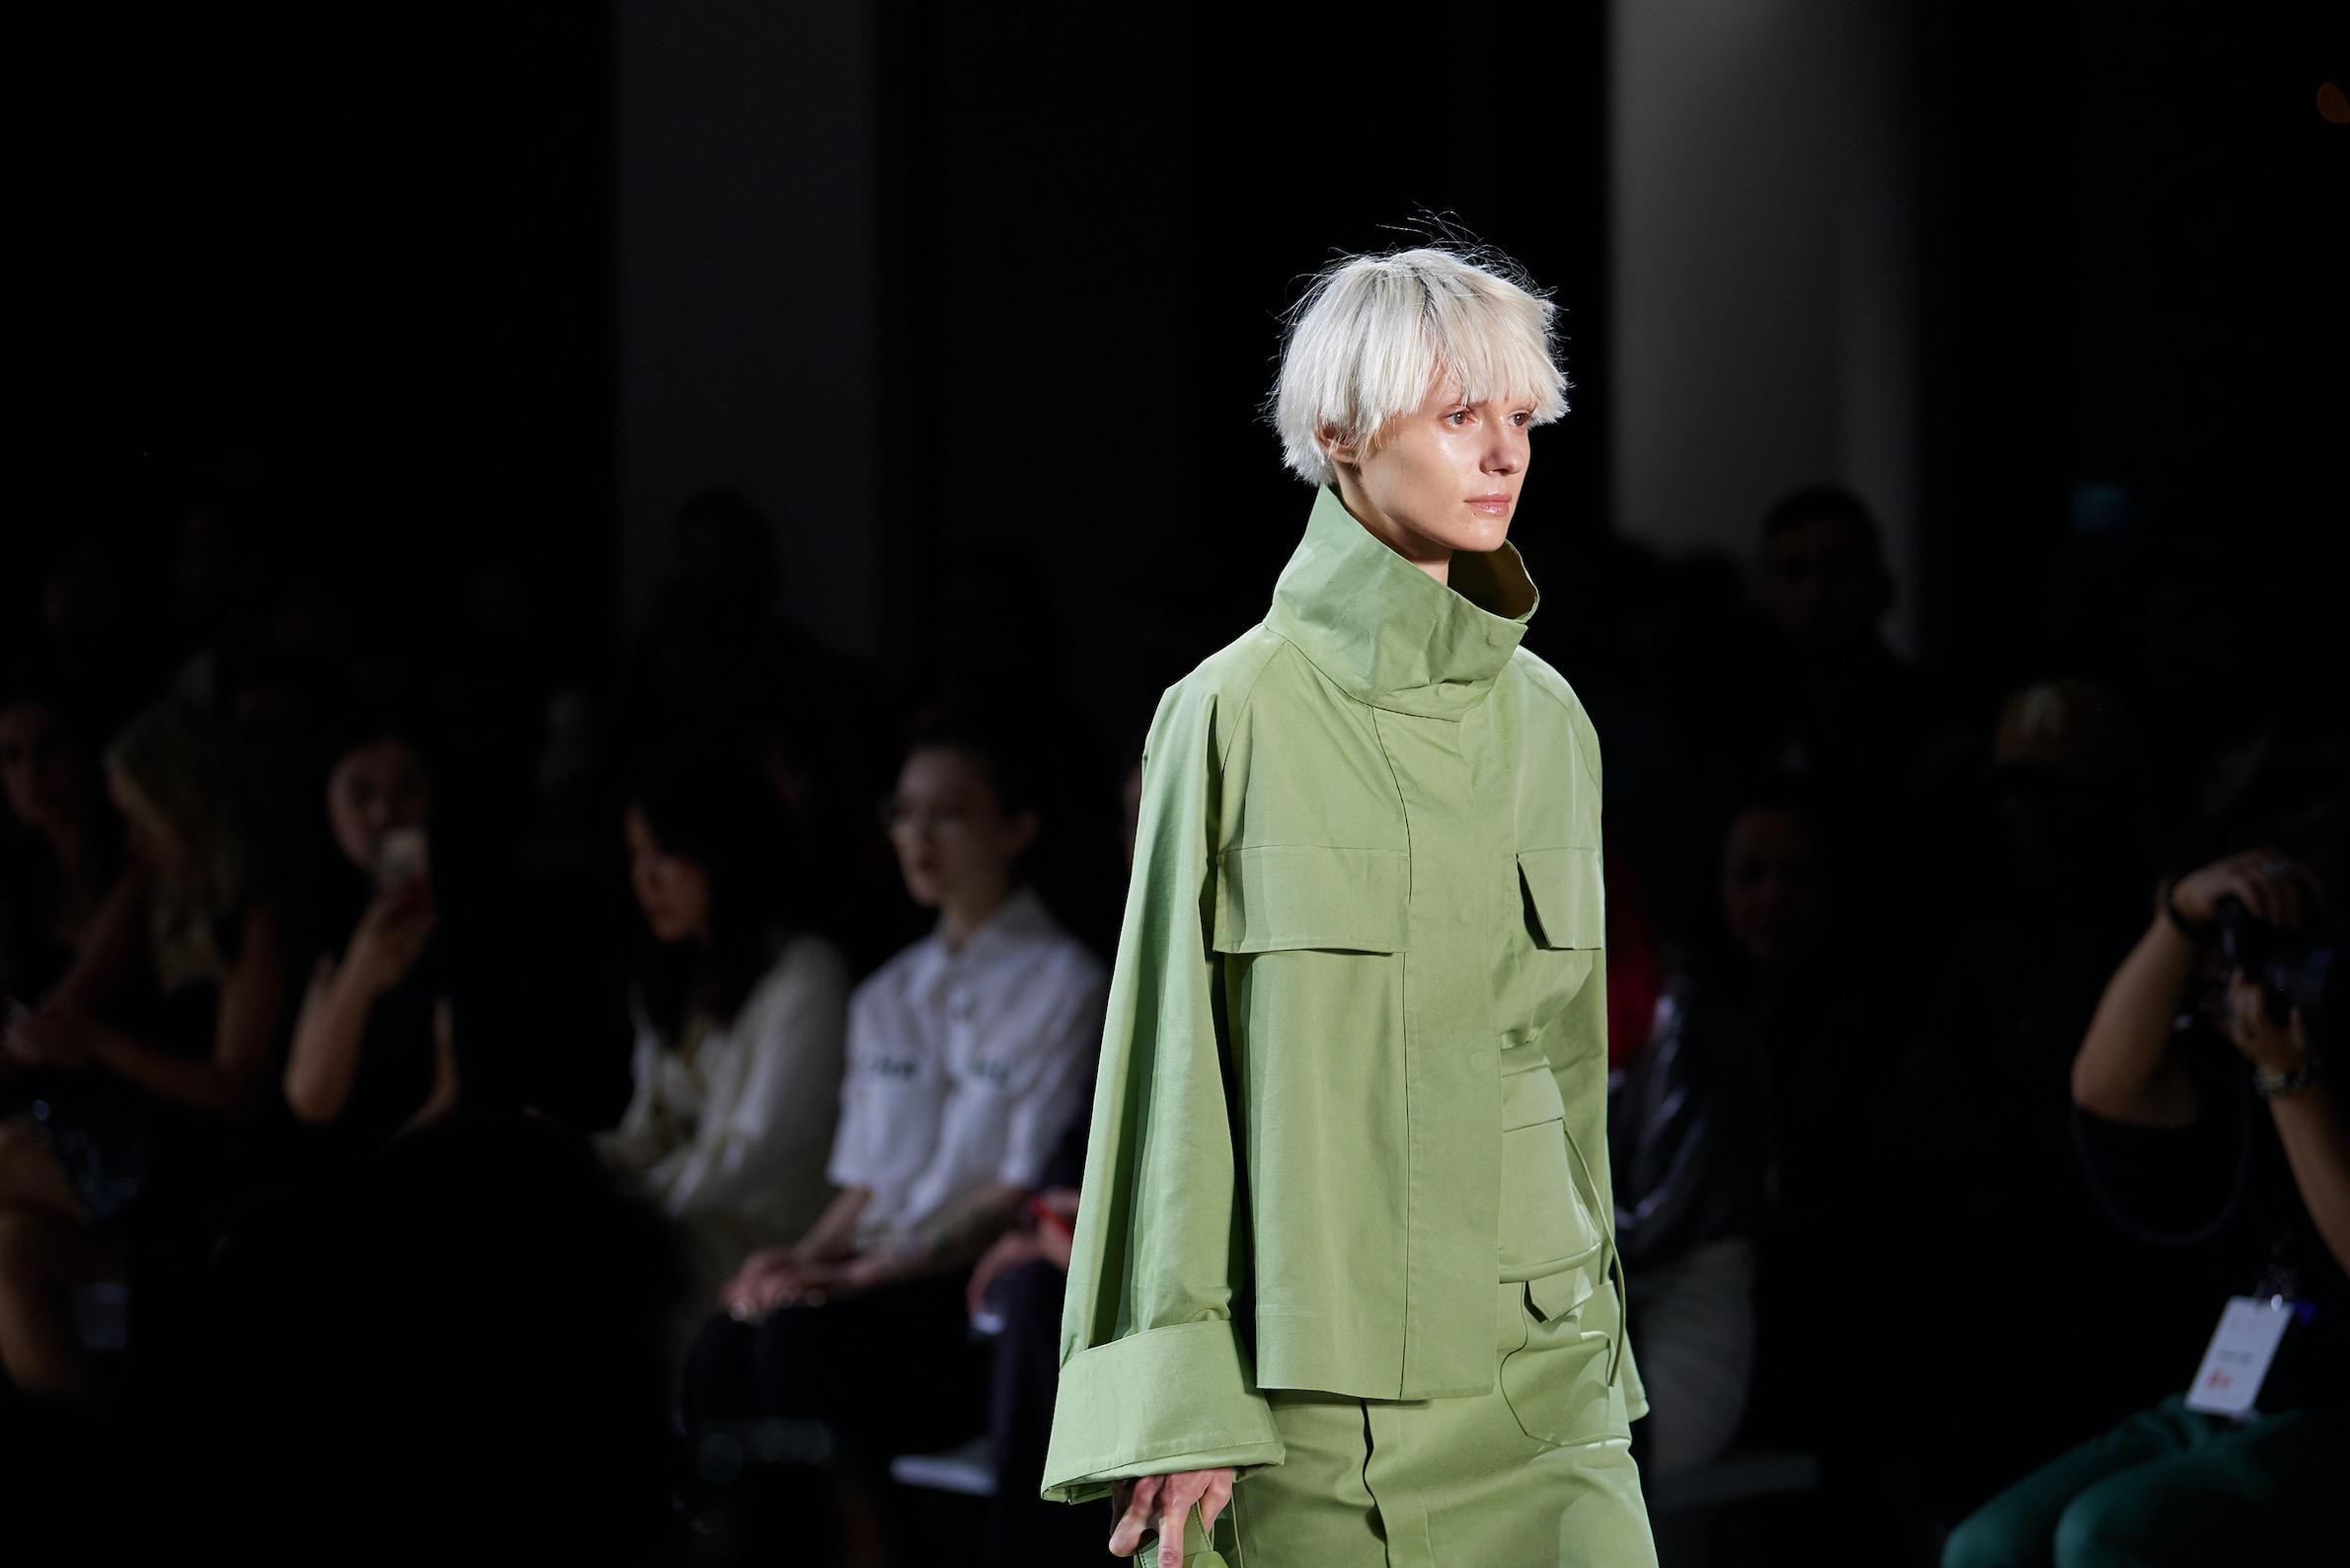 """中国女装品牌如何走出""""红海""""?从LILY商务时装的三次品牌升级,看细分市场新机遇"""